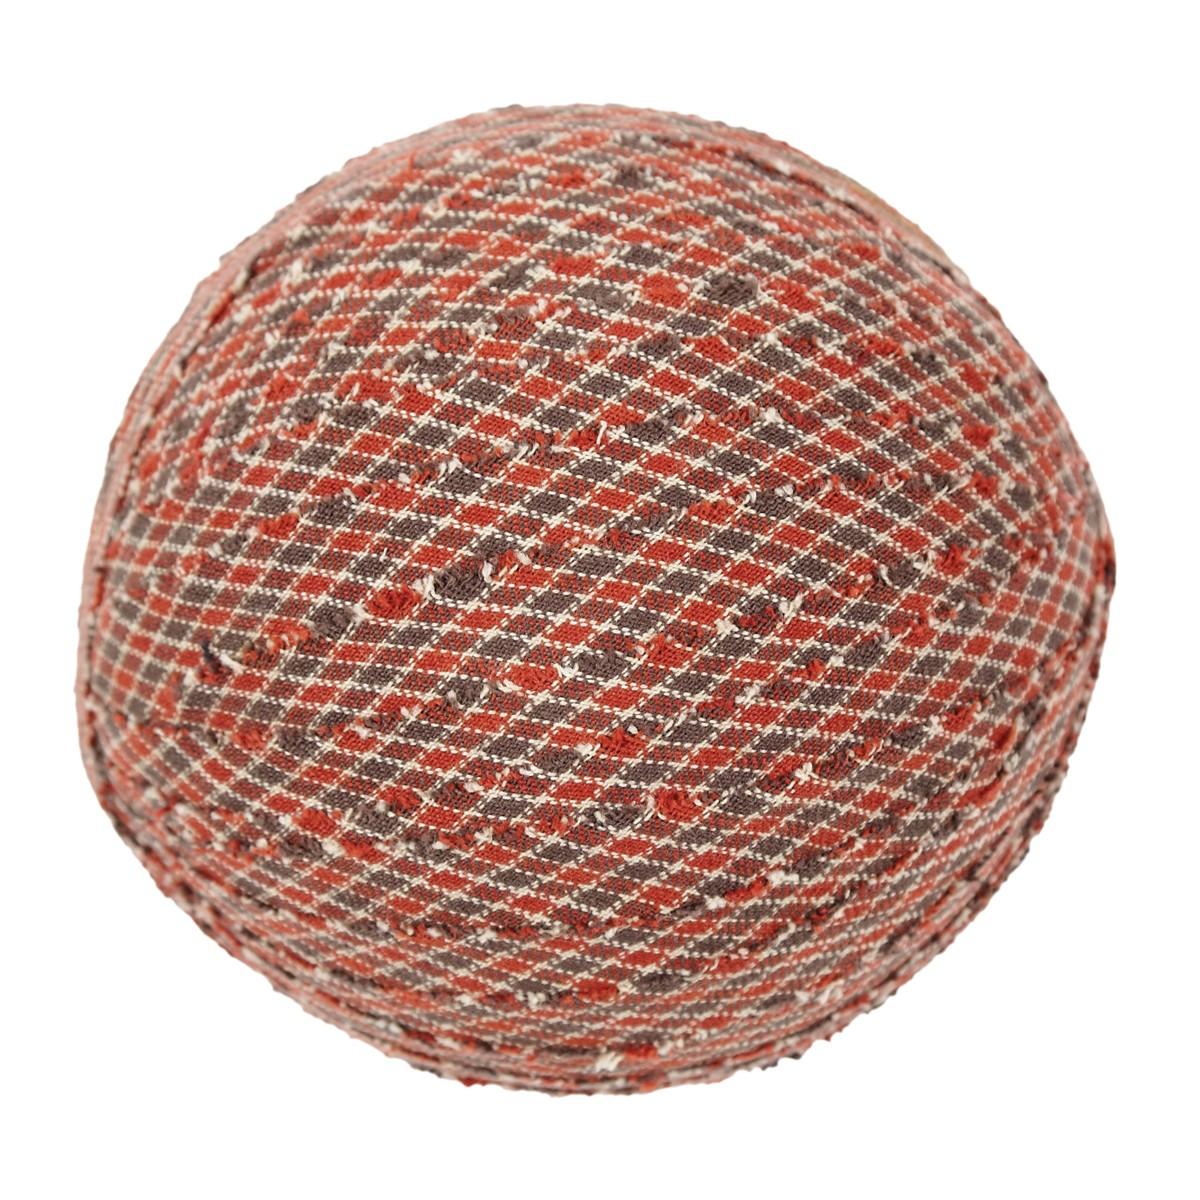 Tacoma Fabric Ball #1-4